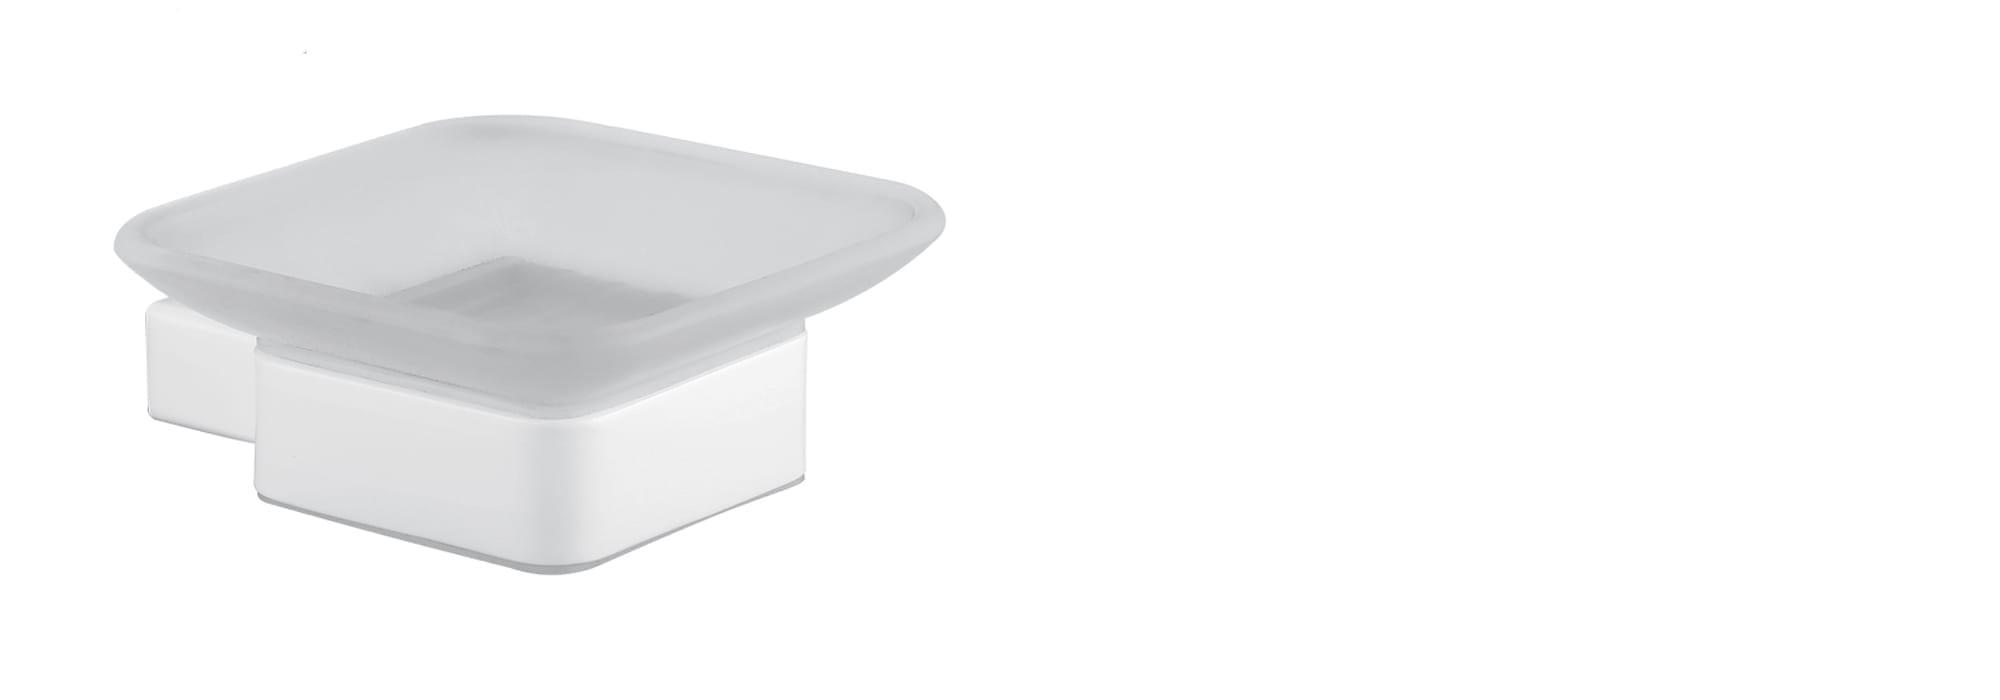 צלחת סבון מינימל לבן by Milstone